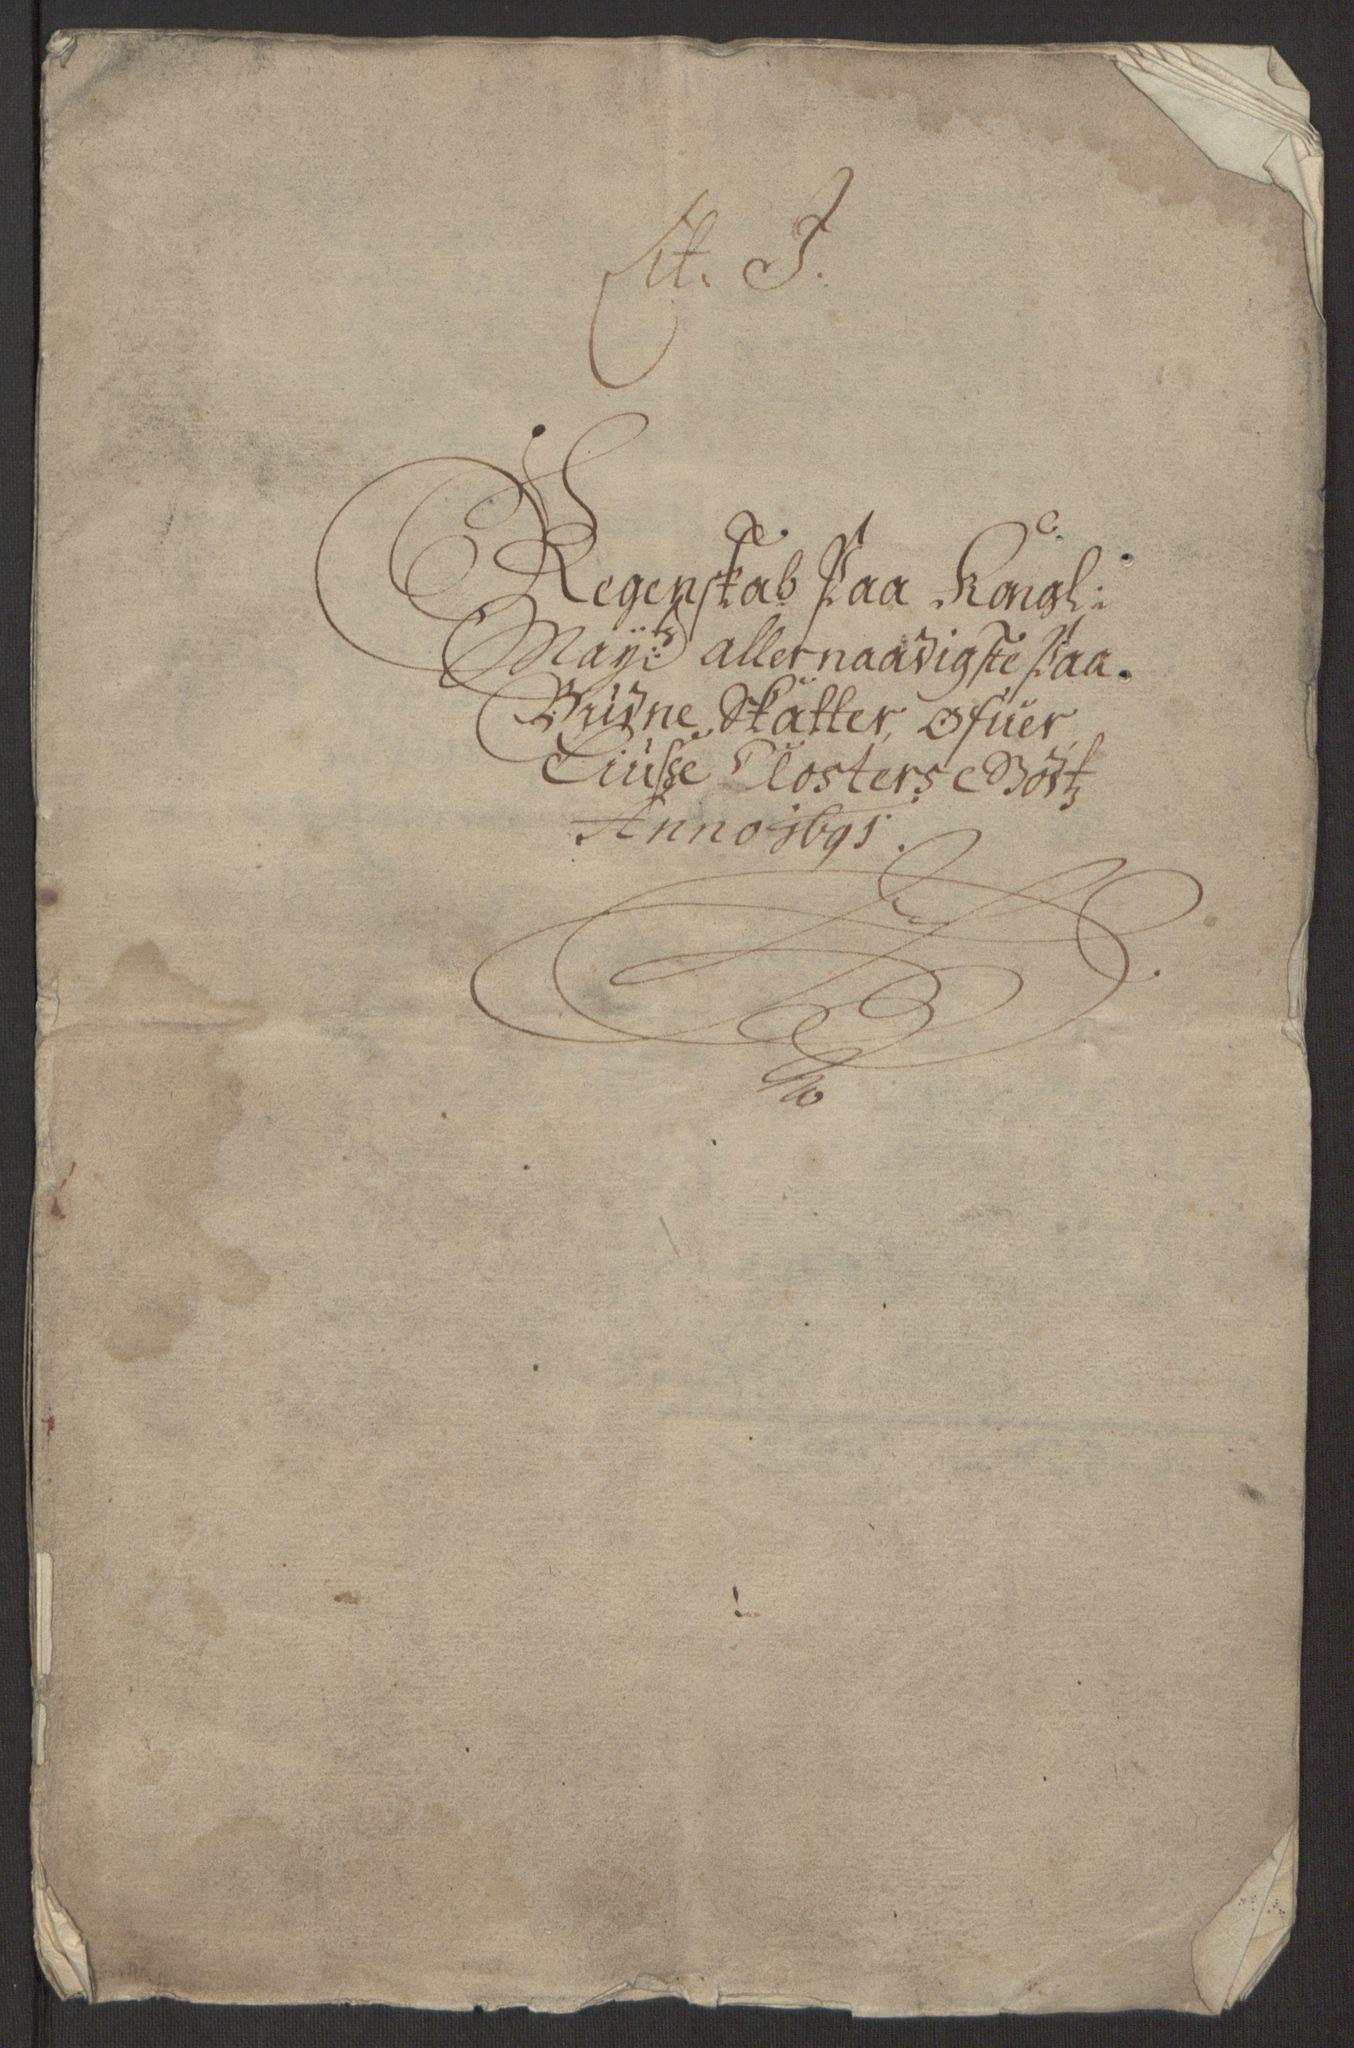 RA, Rentekammeret inntil 1814, Reviderte regnskaper, Fogderegnskap, R50/L3159: Fogderegnskap Lyse kloster, 1691-1709, s. 4